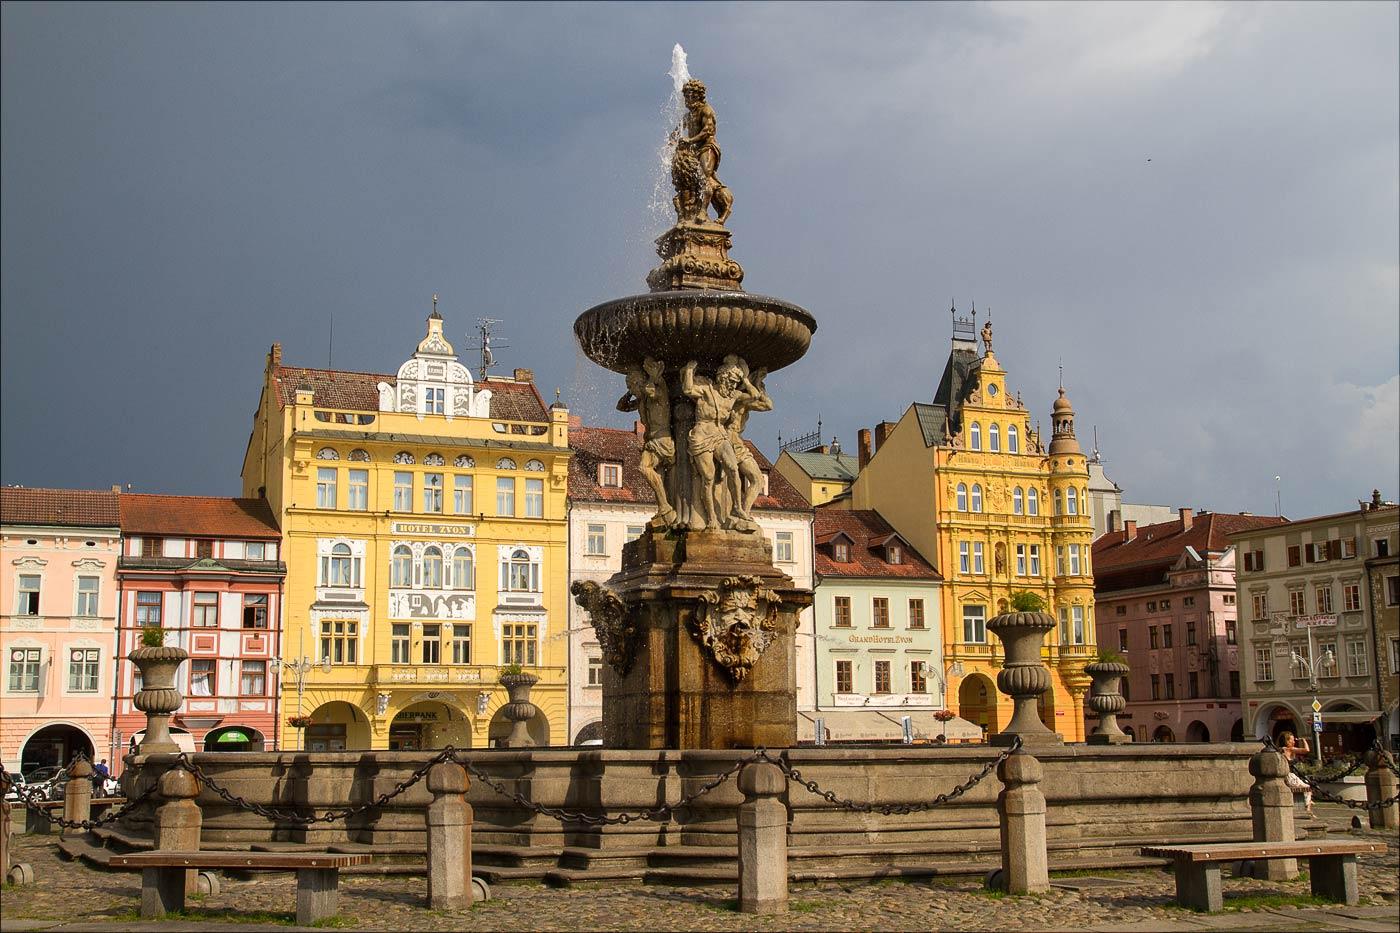 Фонтан на центральной площади в Ческе Будейовице